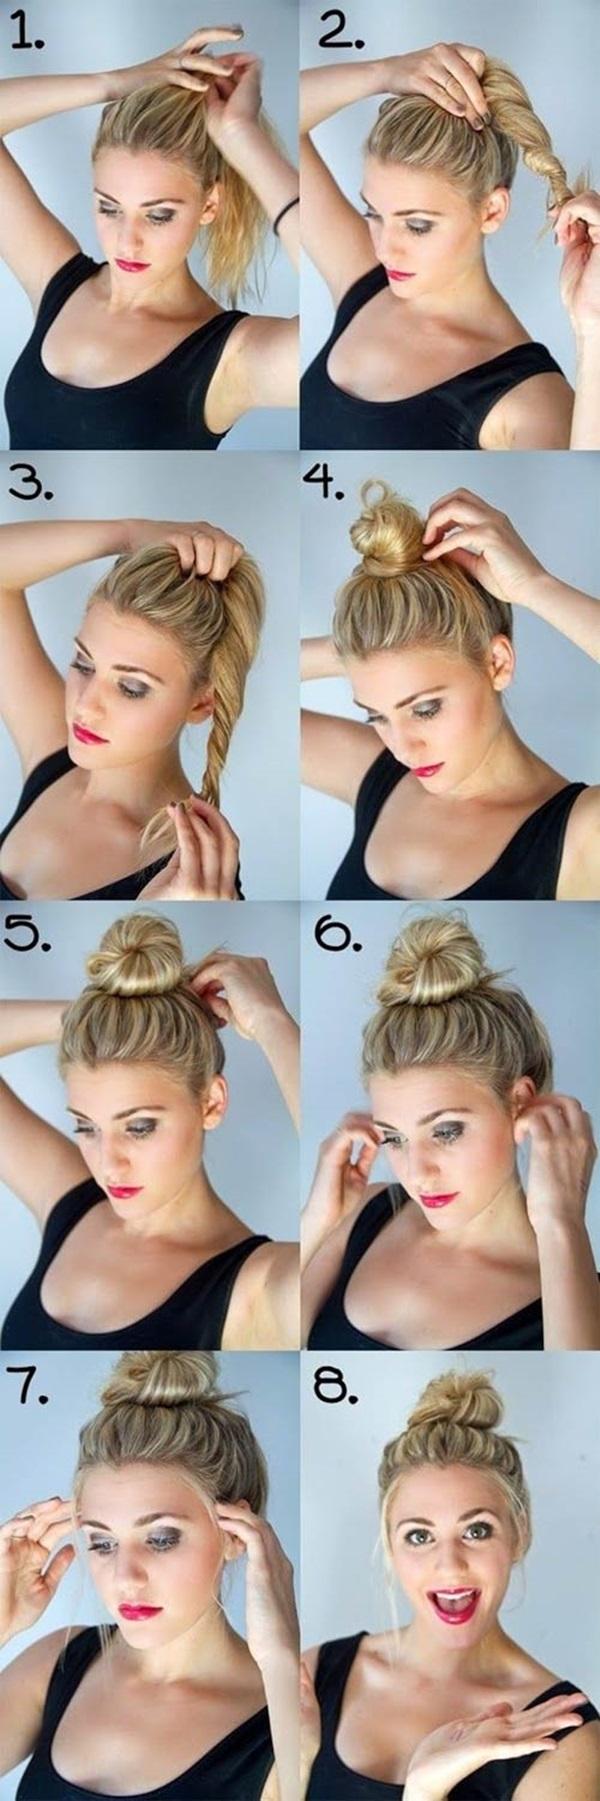 4 kiểu tóc thời trang đơn giản mà đẹp cho cô nàng bận rộn